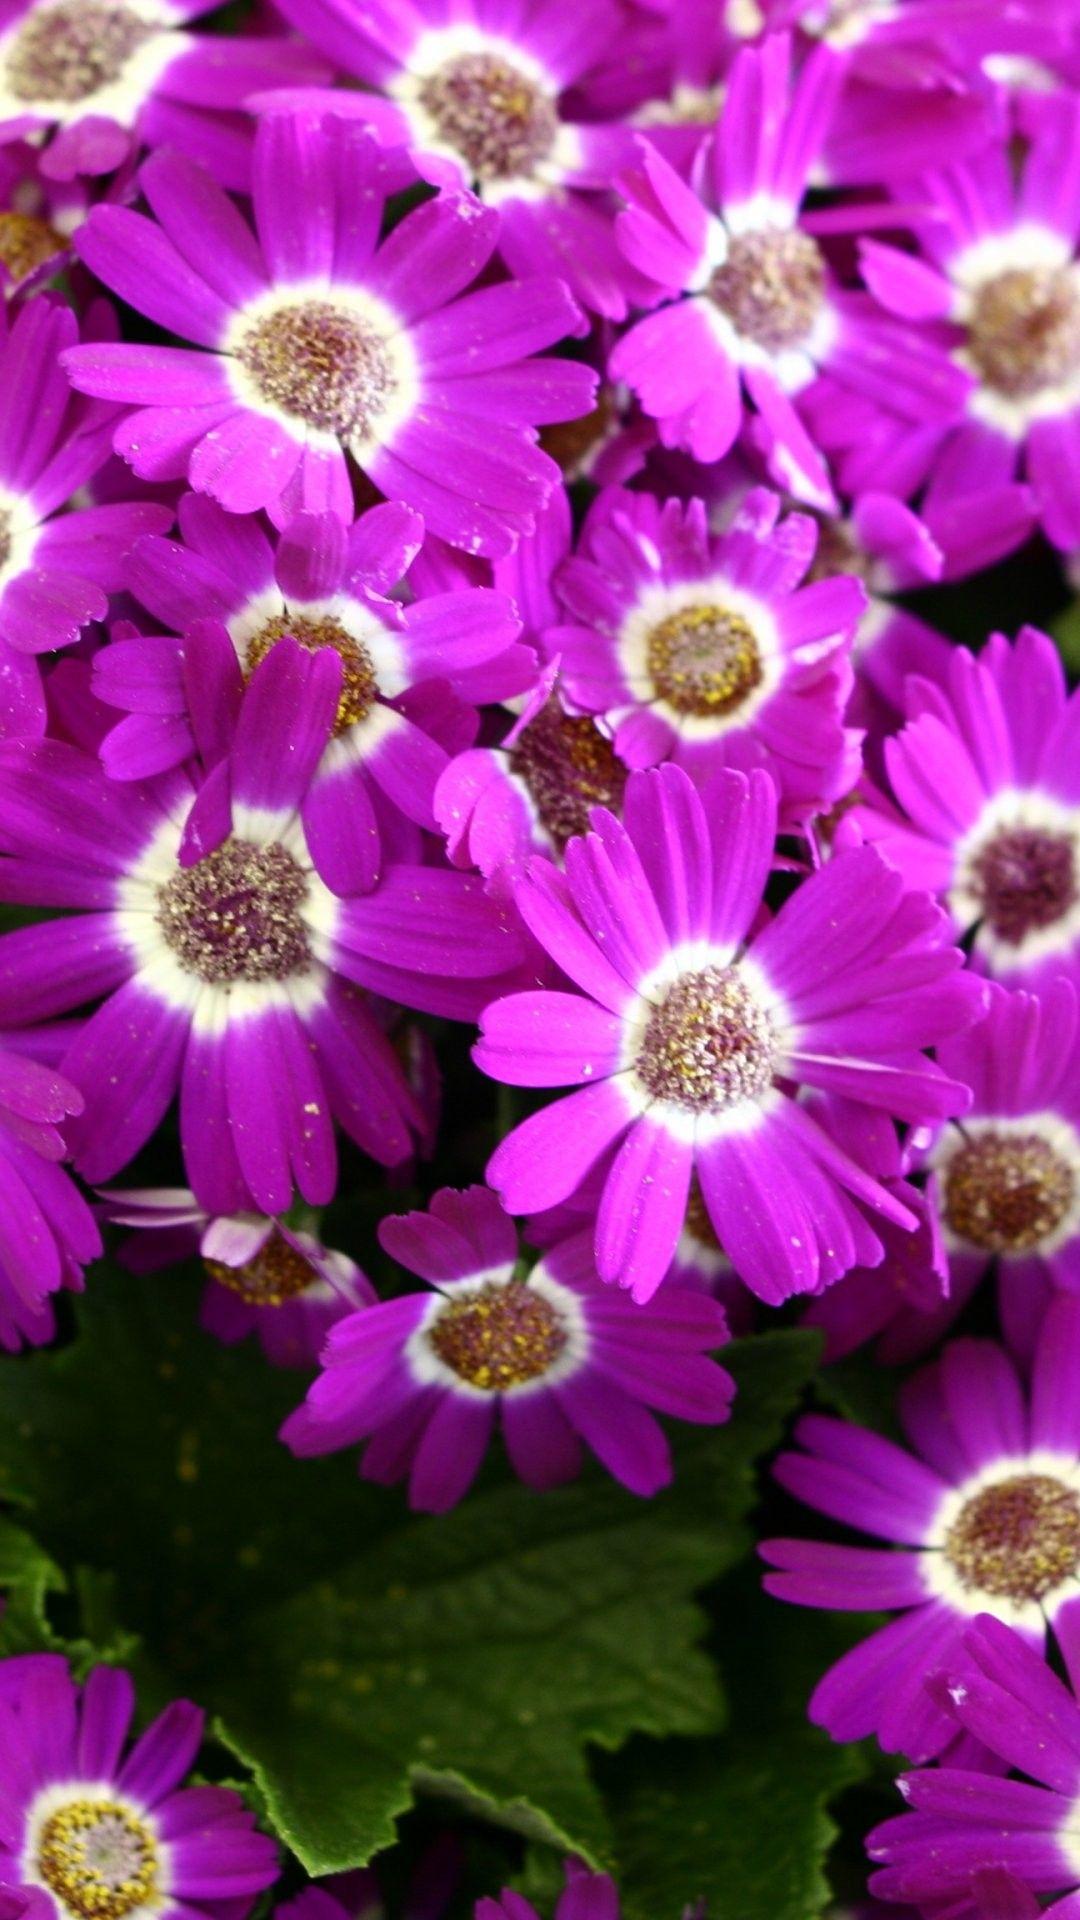 Spring Flowers iPhone 6 Plus Wallpaper 14129 Flowers